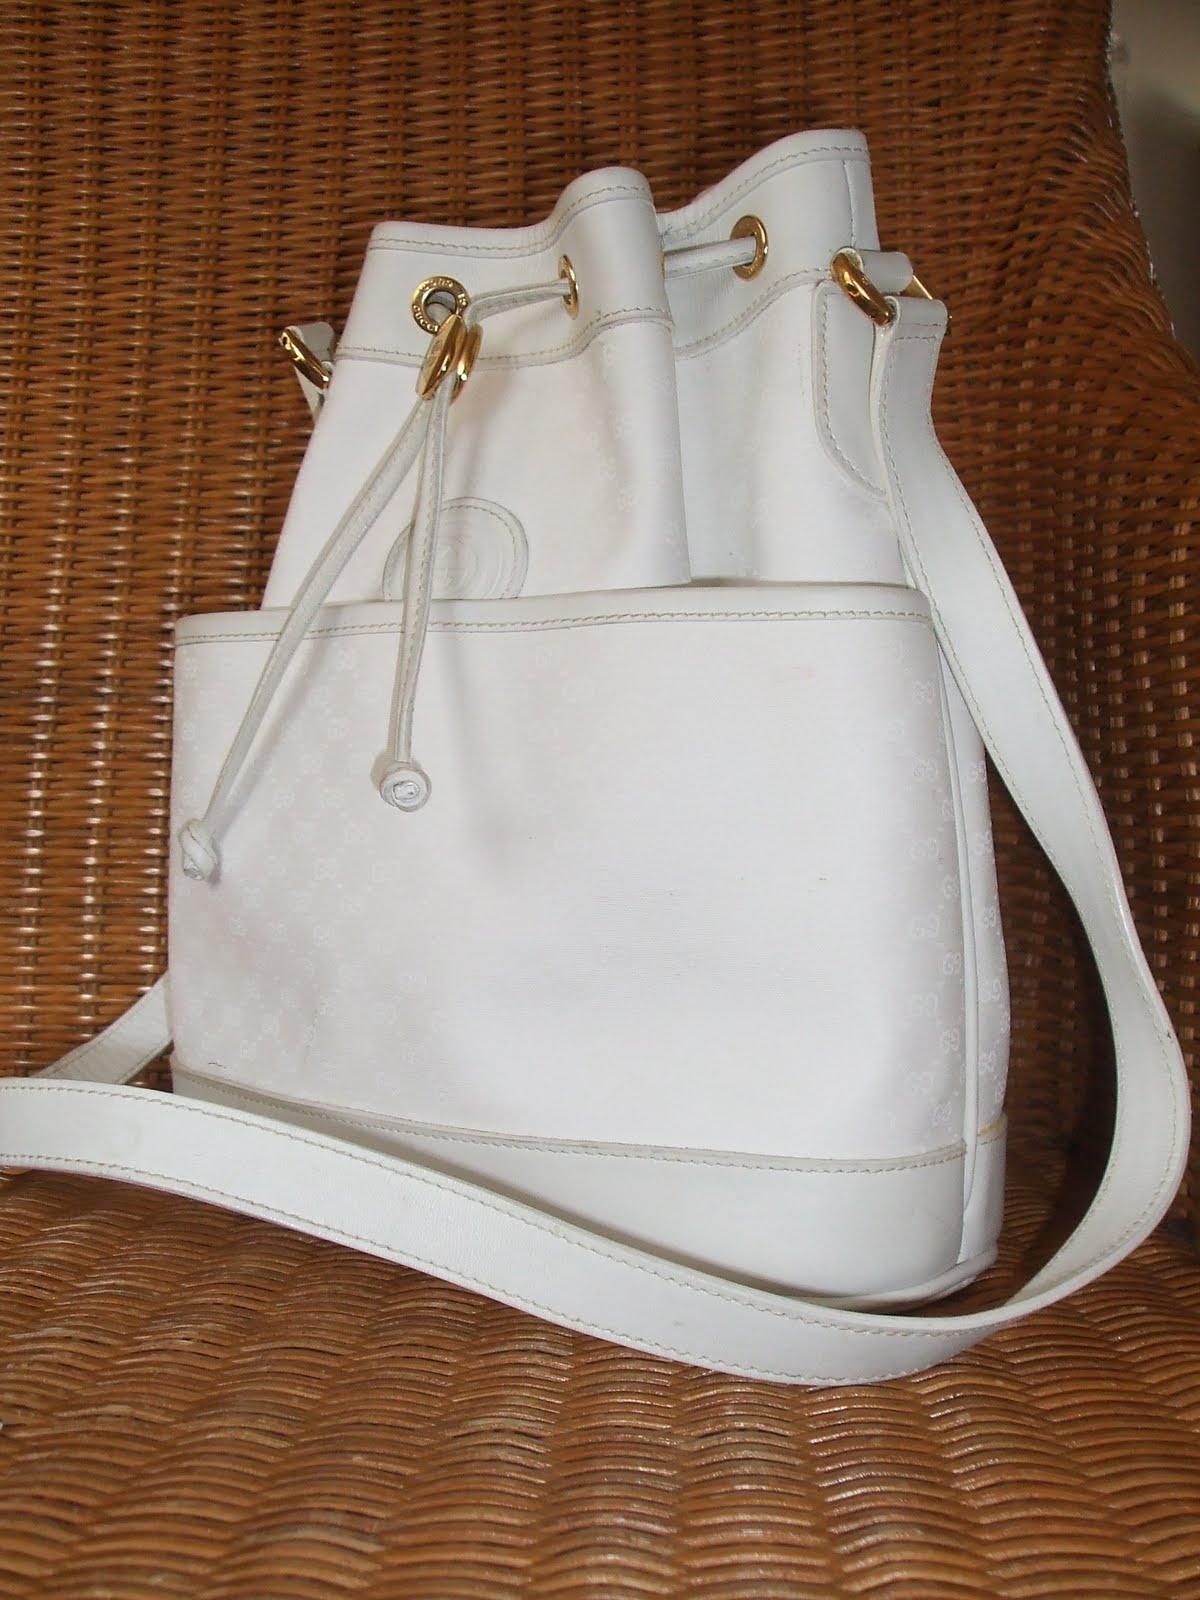 popular handbags for spring for older women